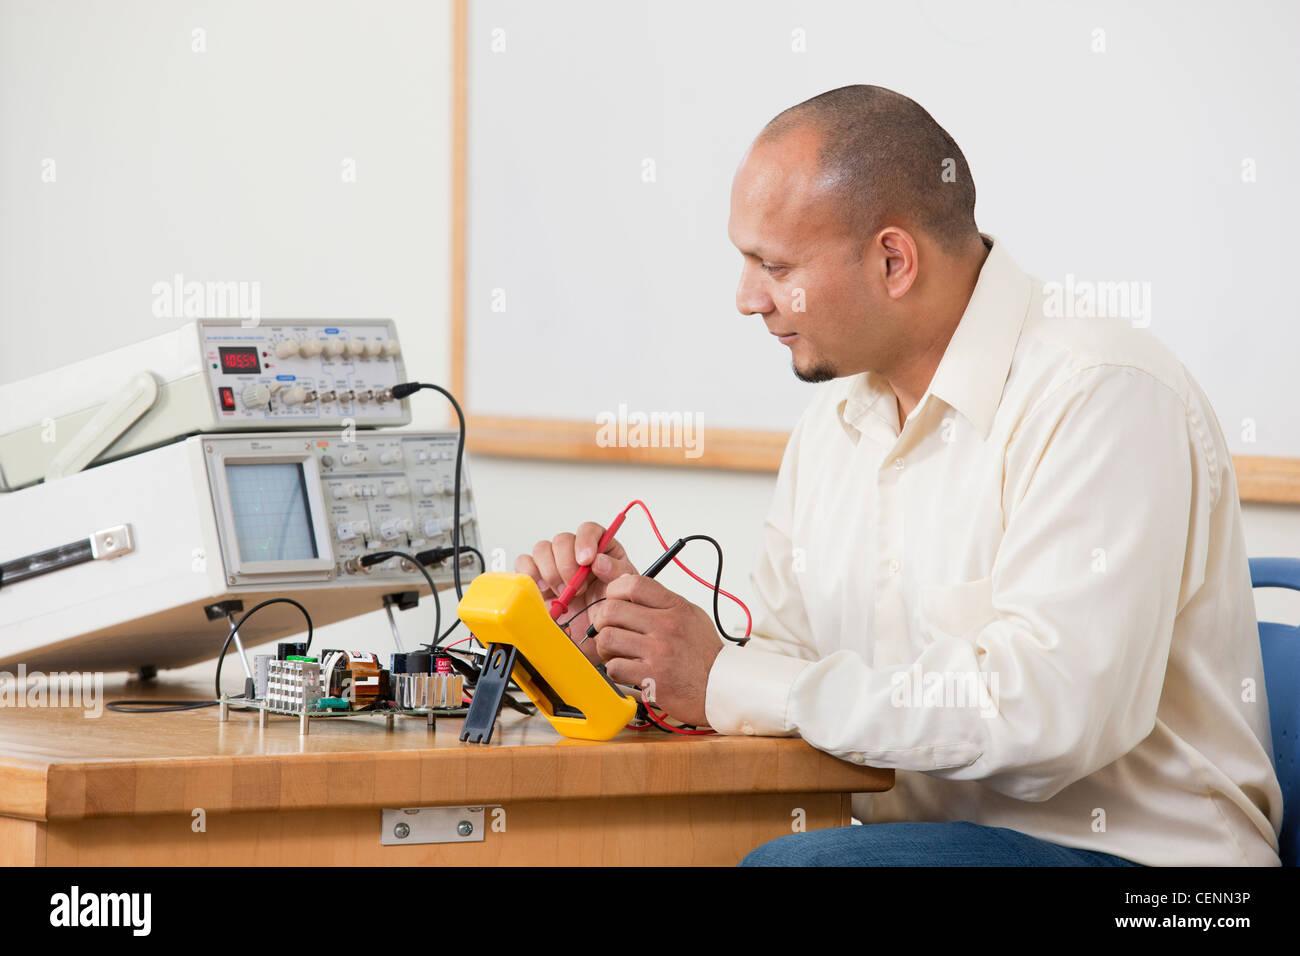 Hispanic ingeniería utilizando las sondas del multímetro para medir características del circuito Imagen De Stock